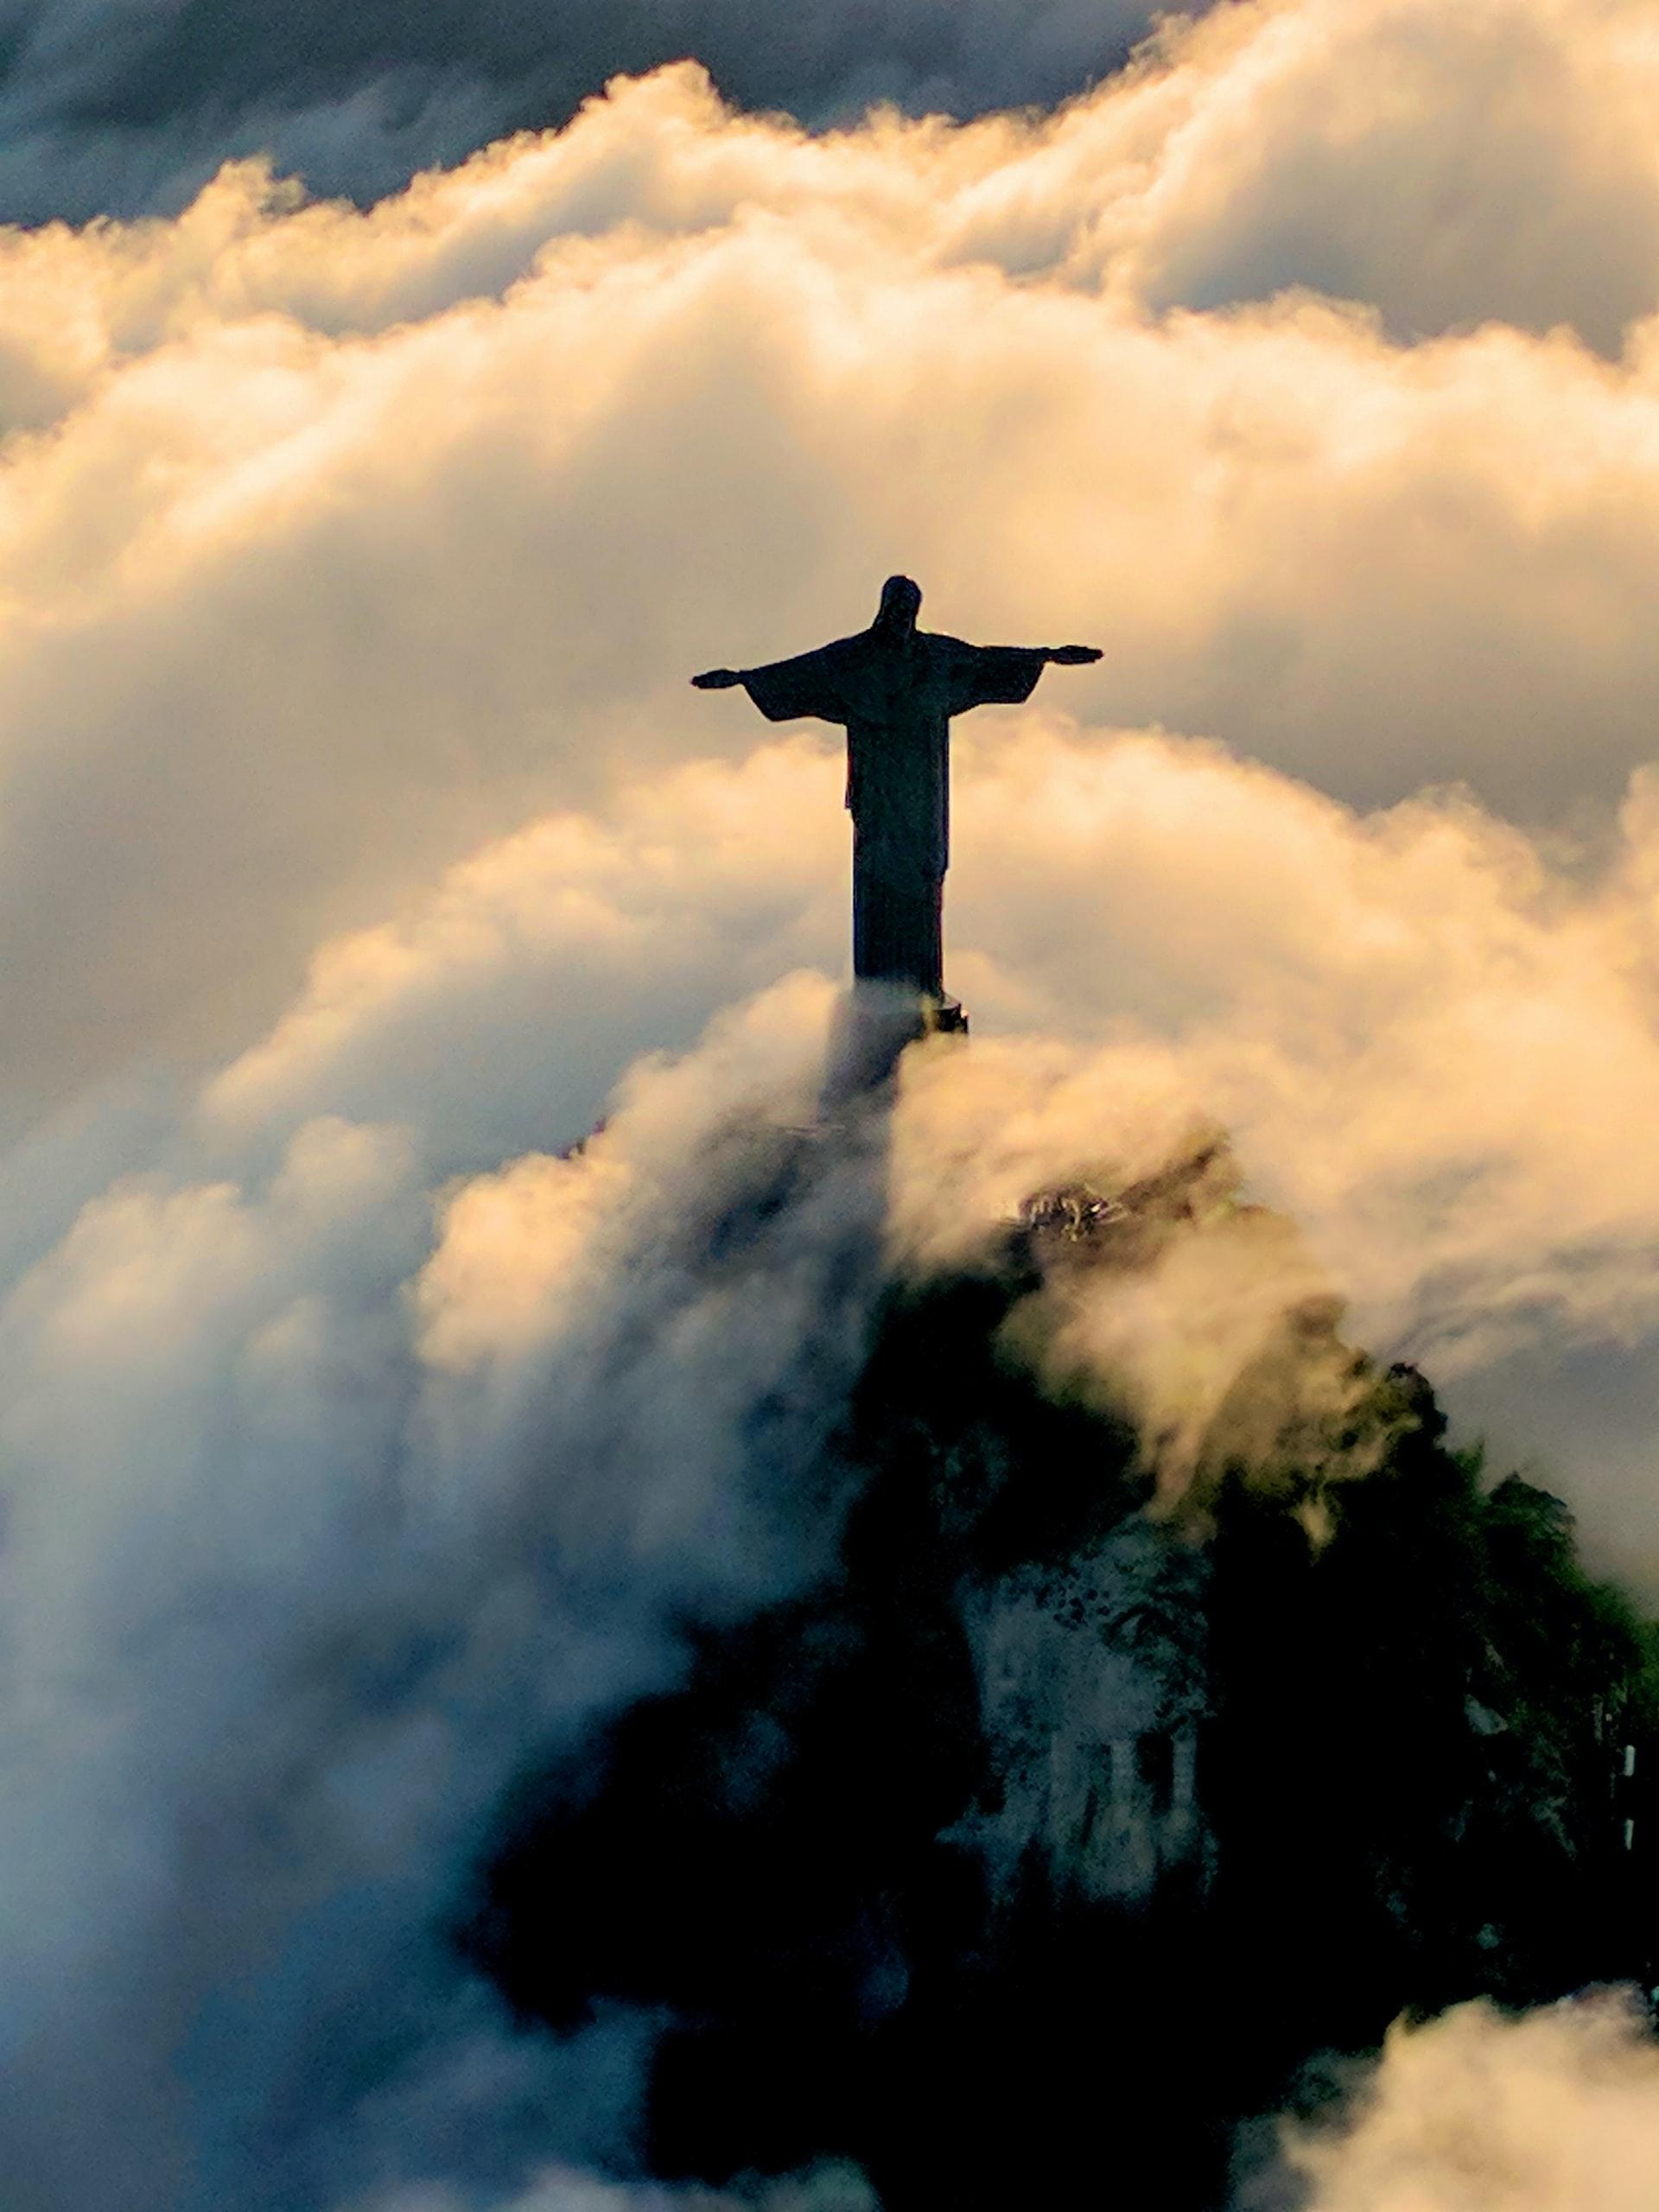 Cristo Redentore - Brasile - Pingu's English Blog